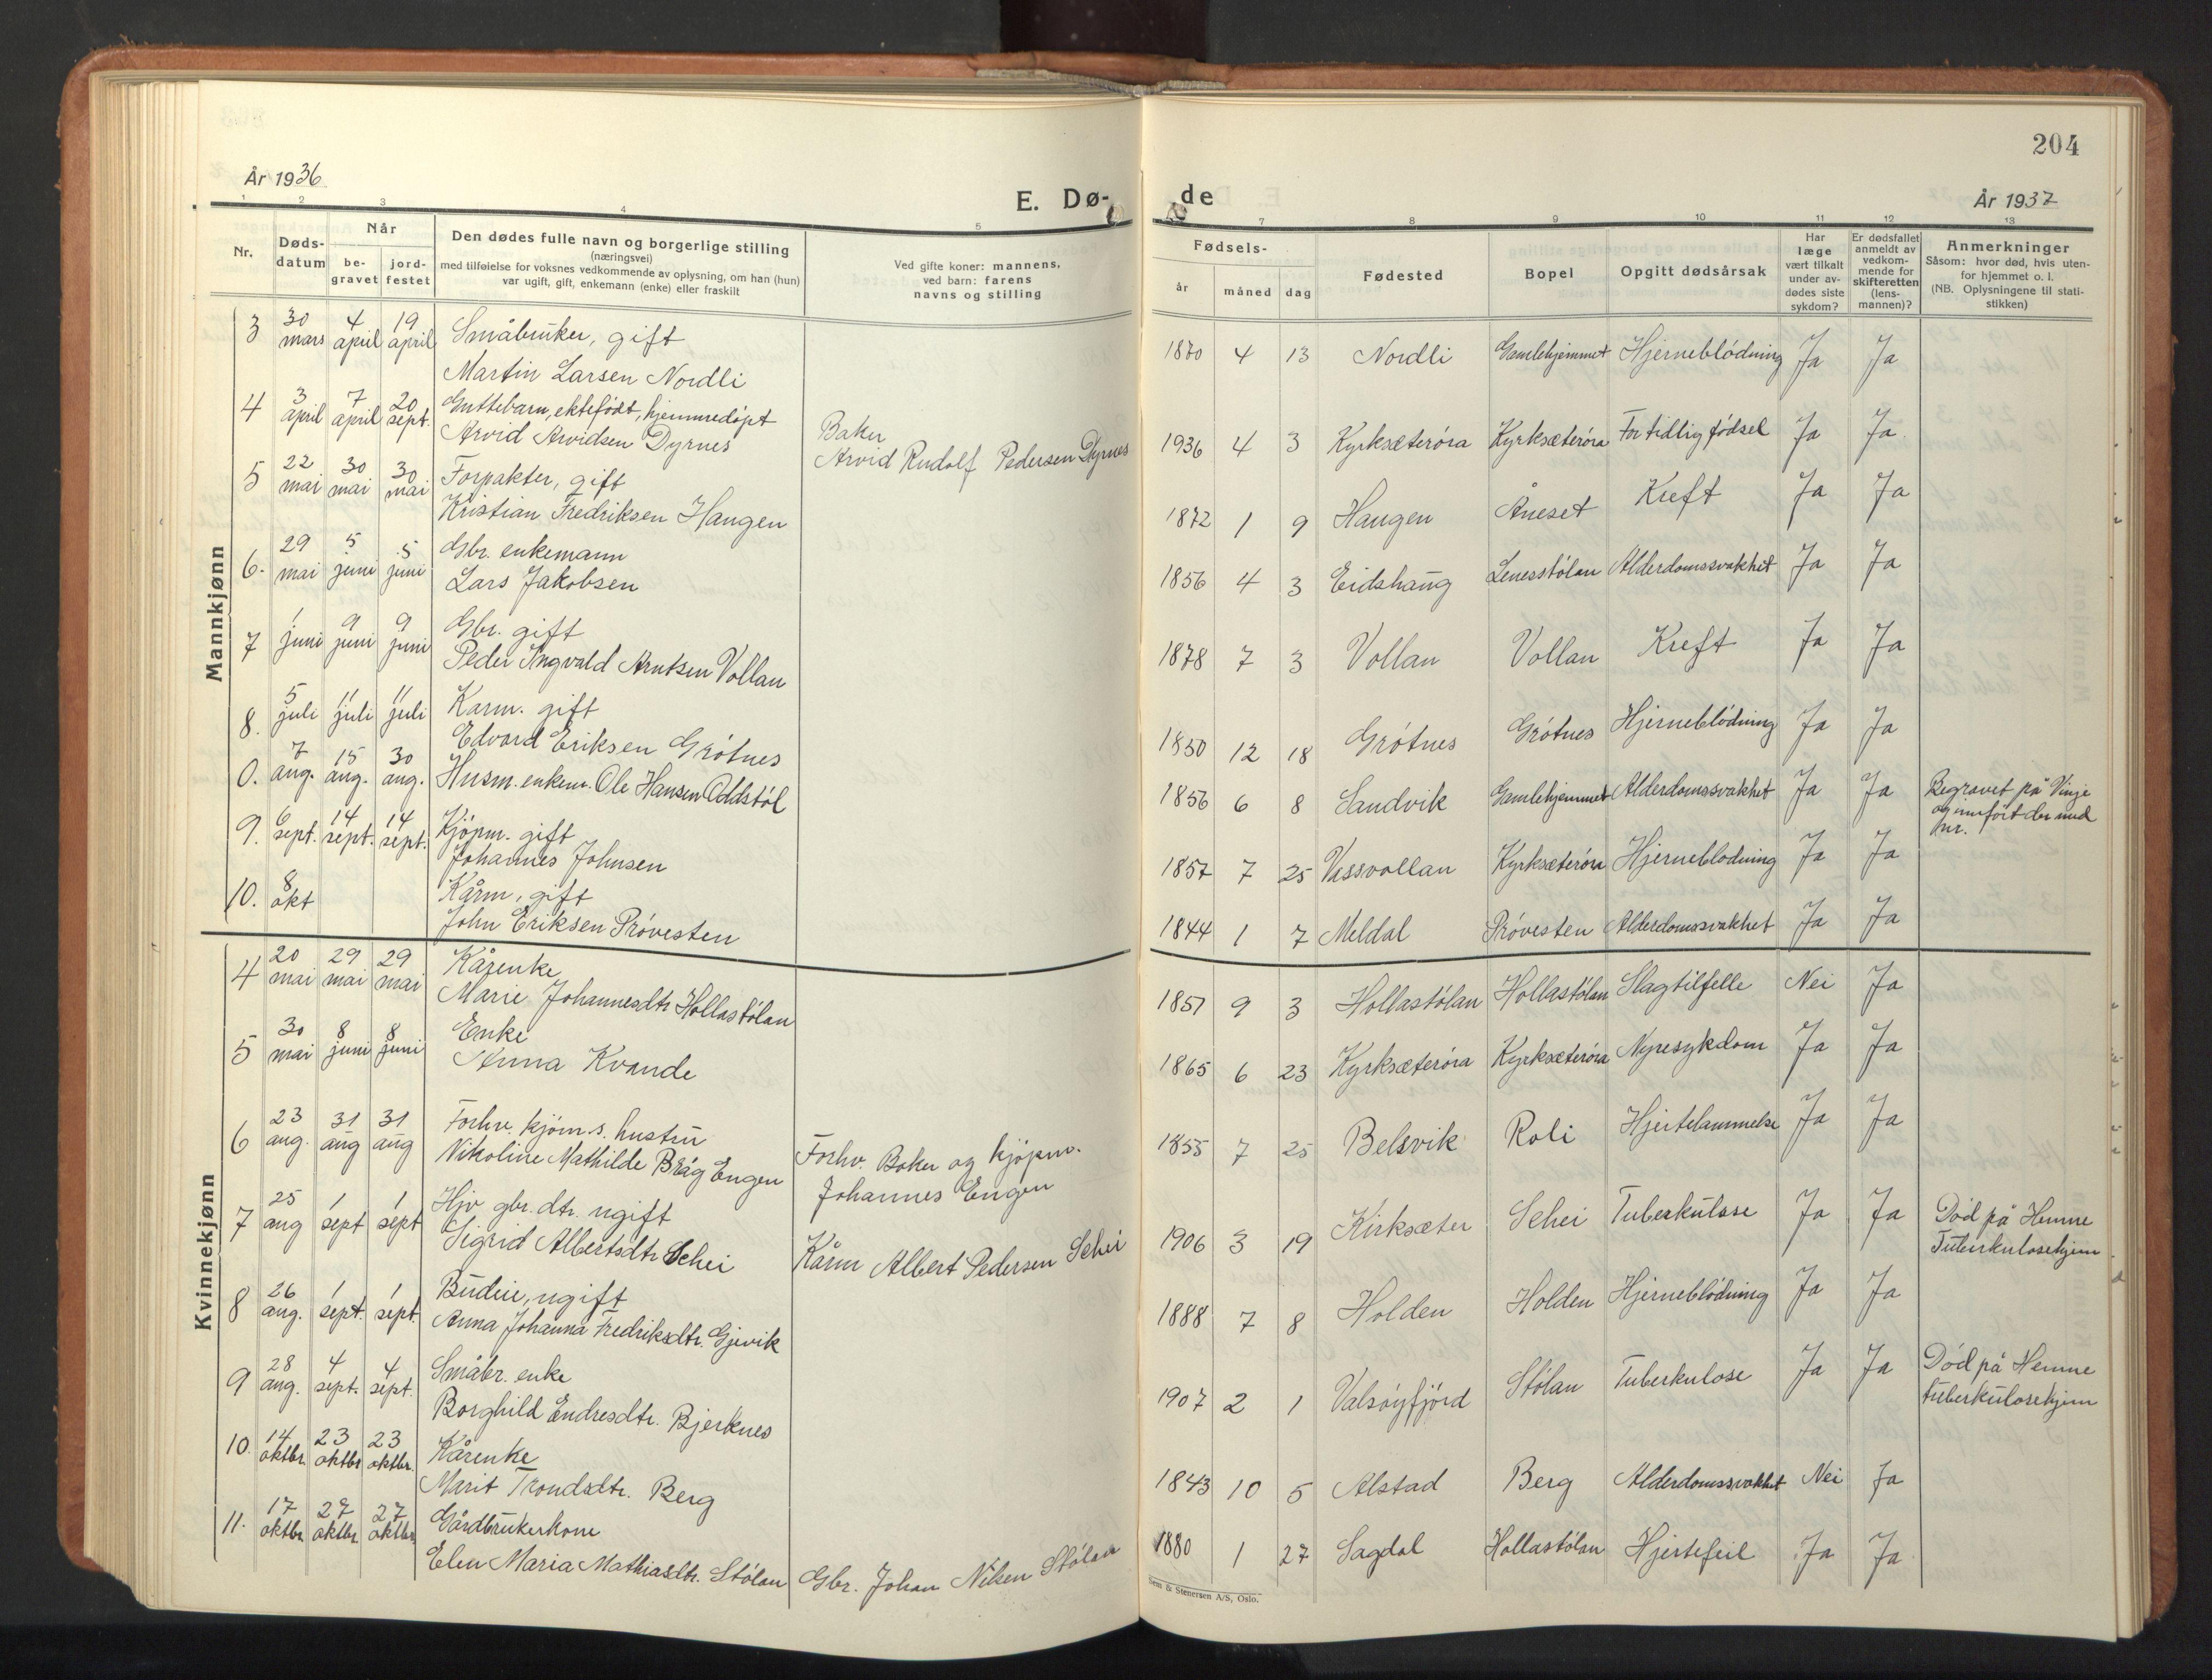 SAT, Ministerialprotokoller, klokkerbøker og fødselsregistre - Sør-Trøndelag, 630/L0508: Klokkerbok nr. 630C06, 1933-1950, s. 204